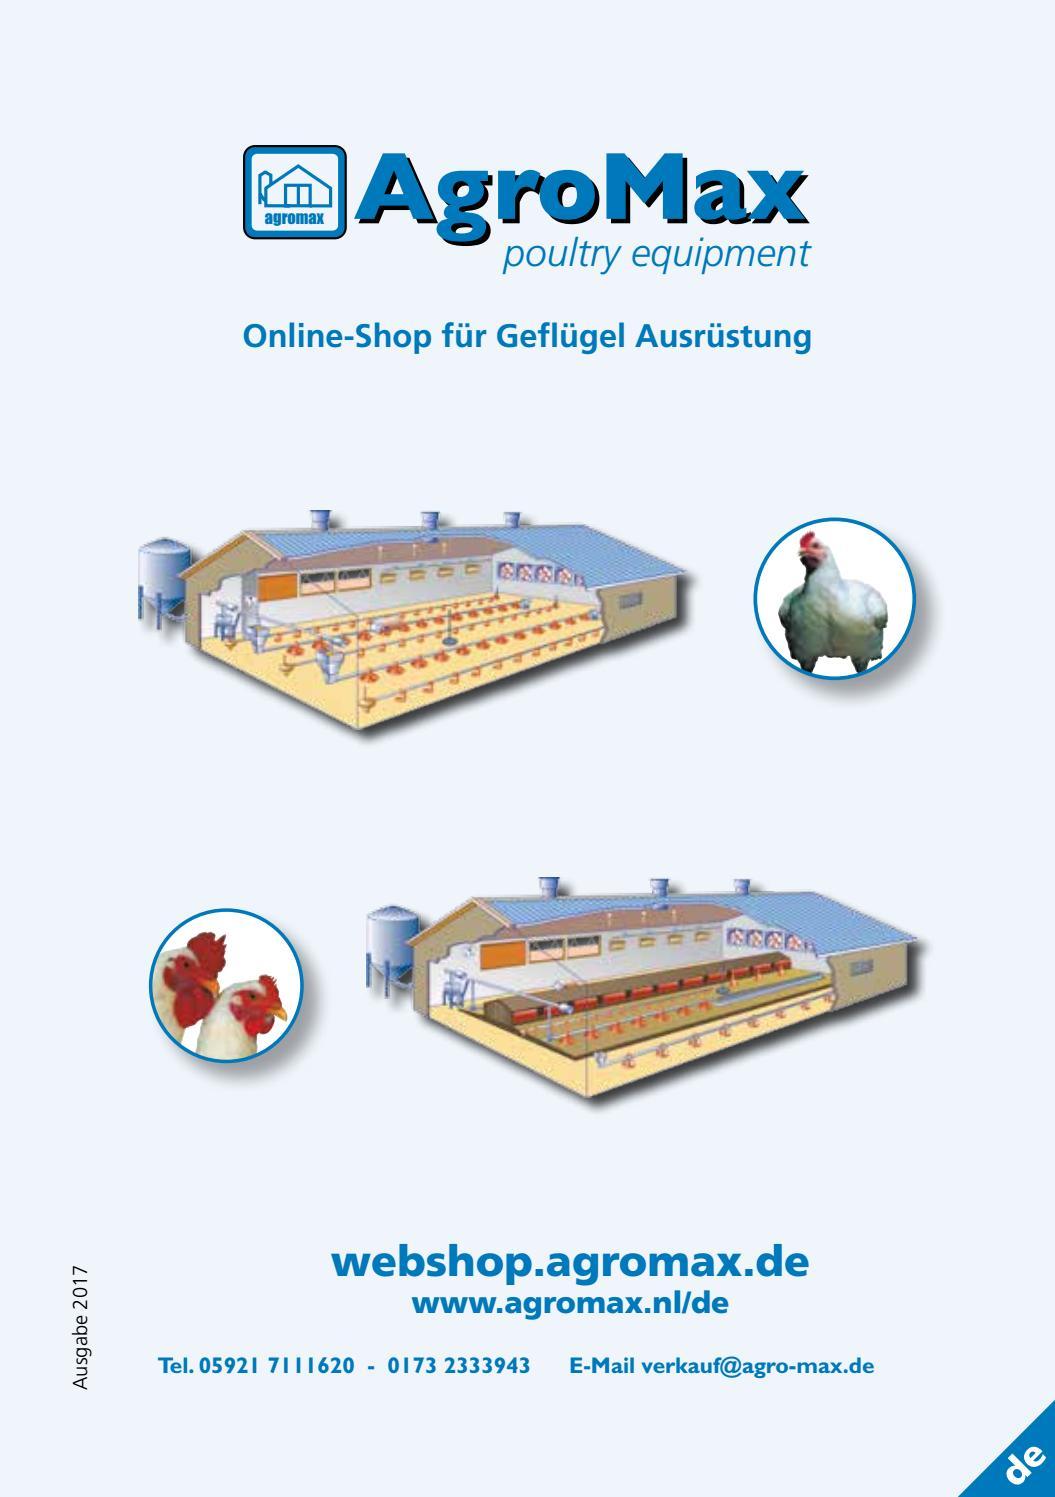 Deutscher katalog by AGROMAX - issuu